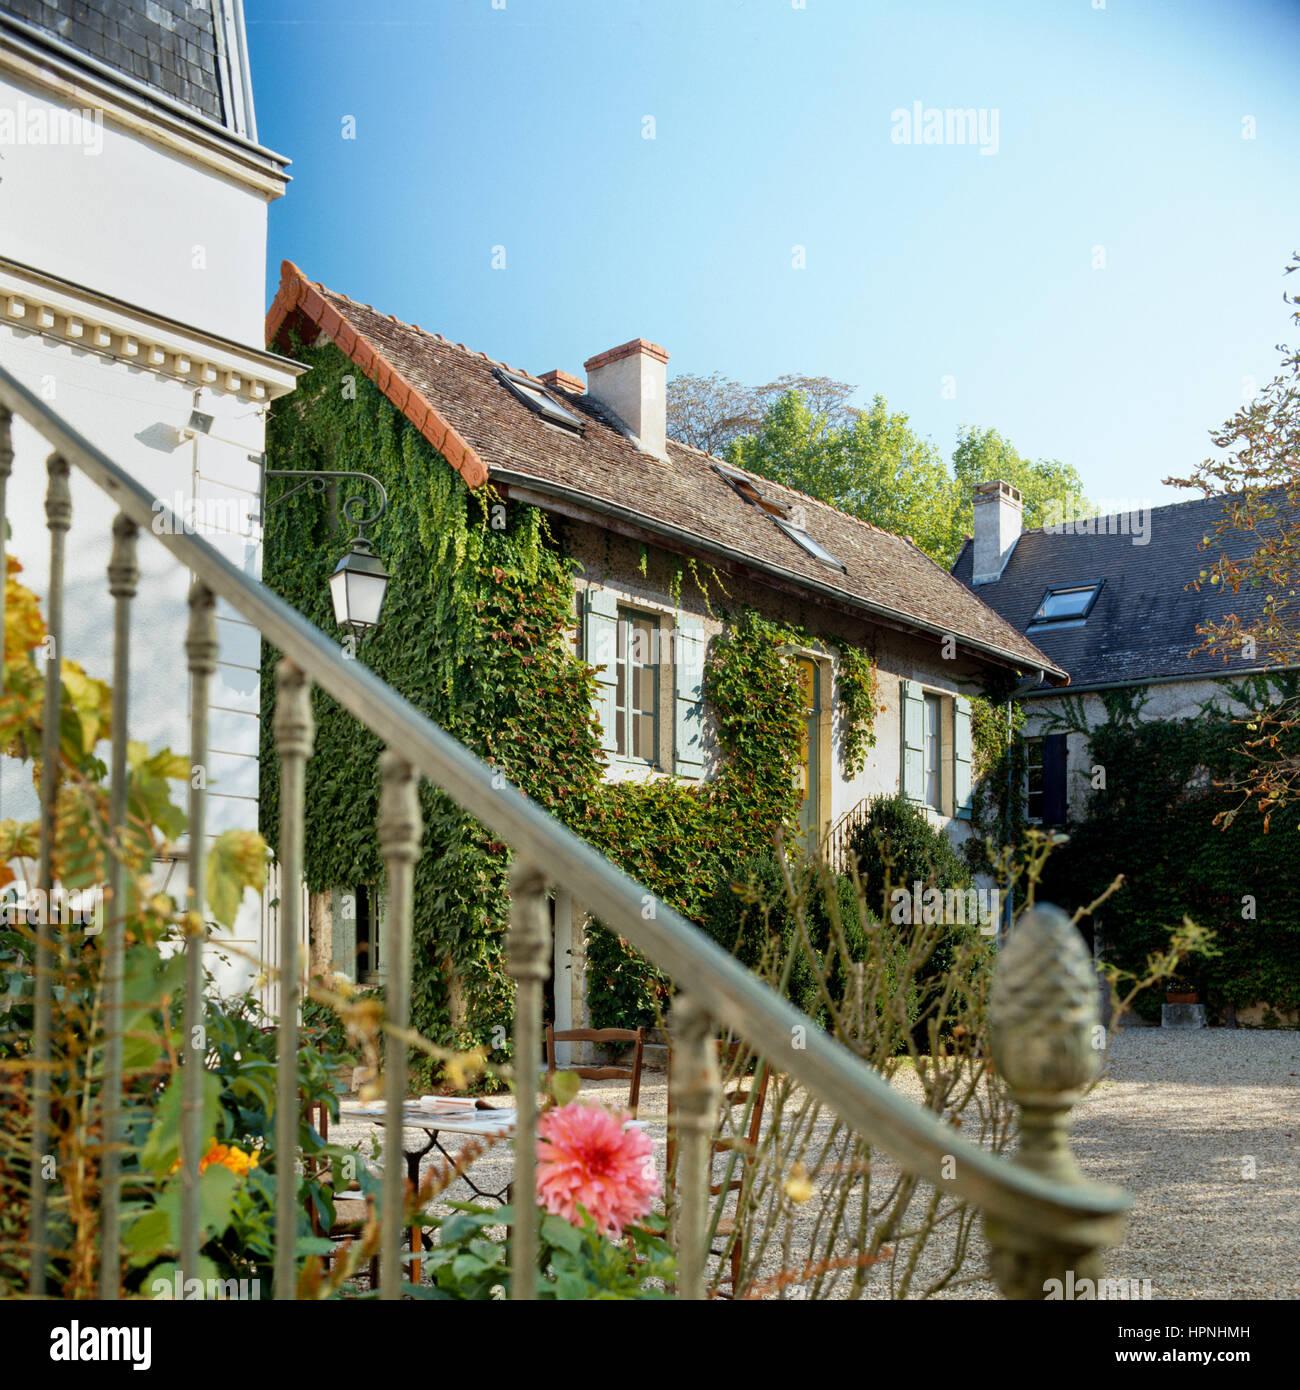 Esterno Casa Di Campagna un esterno di una casa di campagna foto & immagine stock